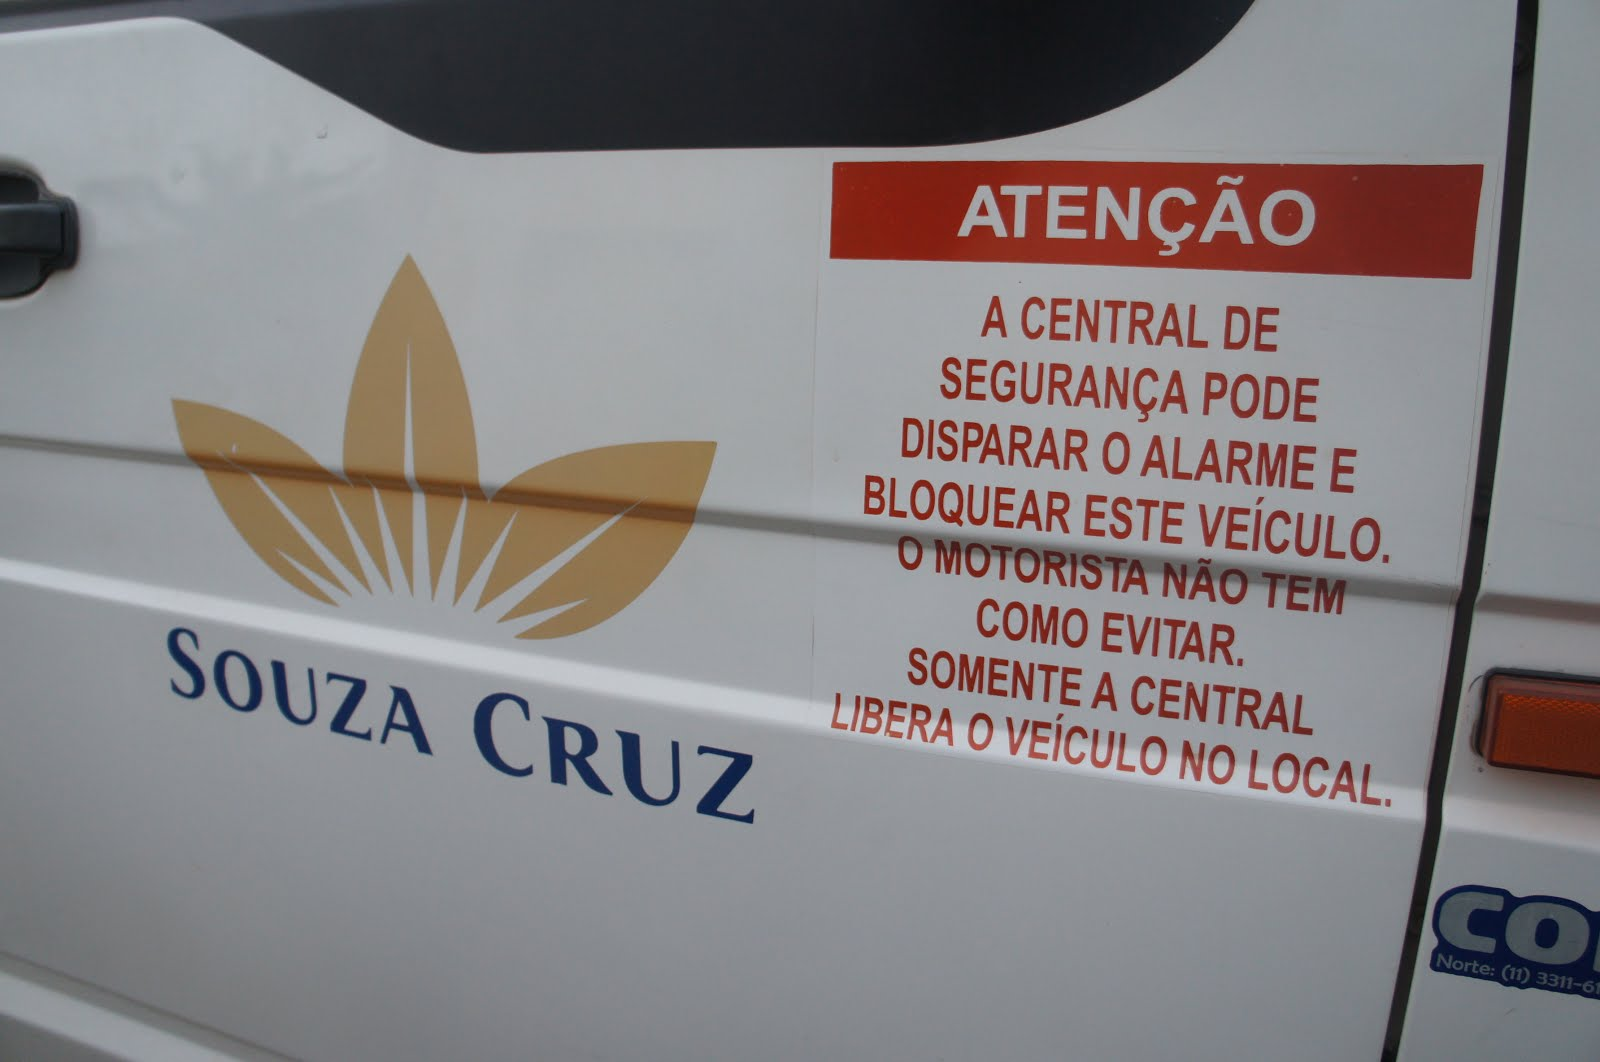 Assalto na Br-356 em Cardoso Moreira: bandidos levam carga de cigarros avaliada em R$35 mil